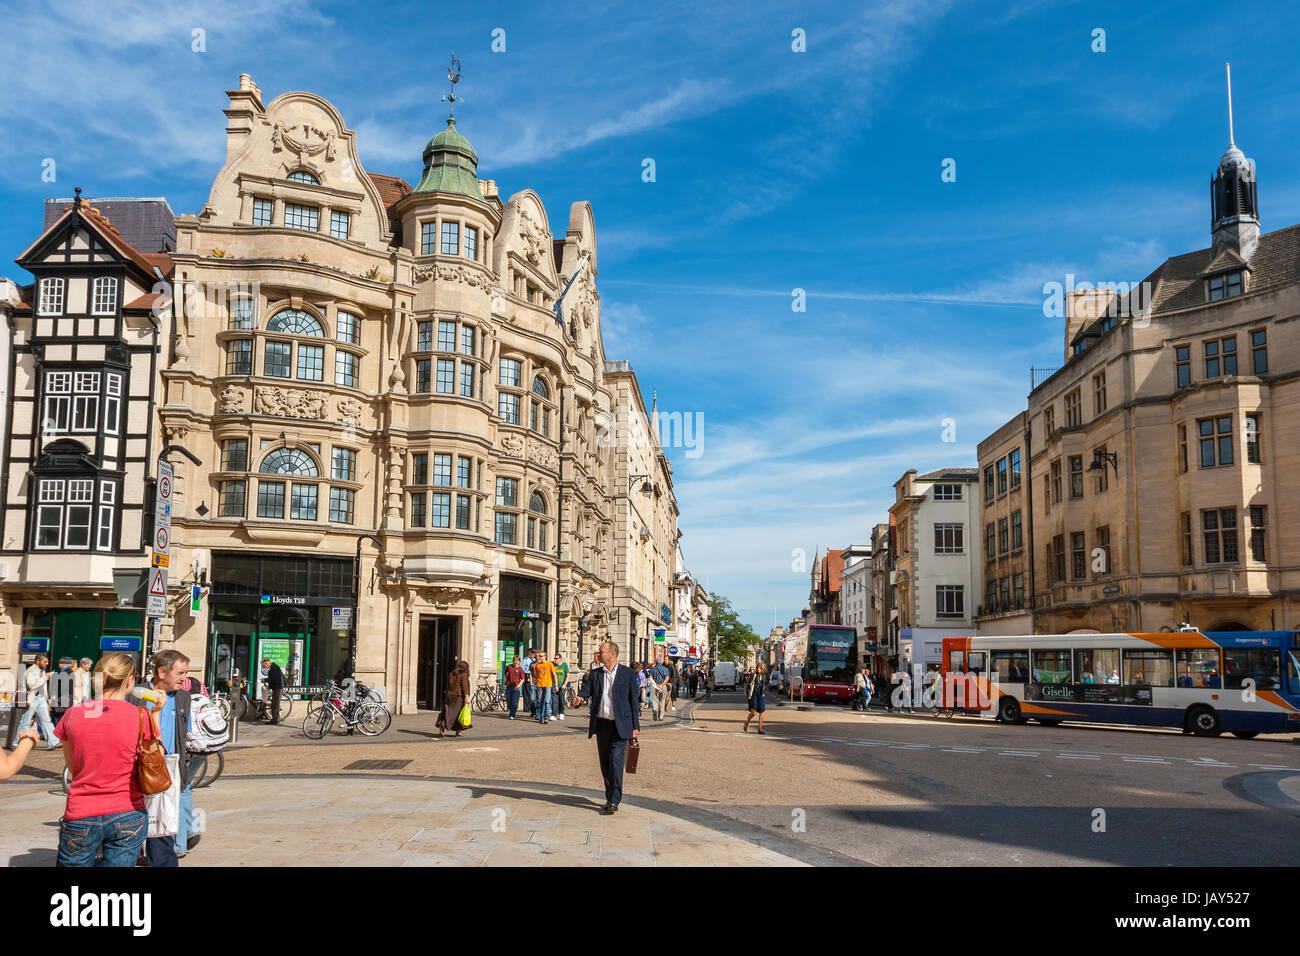 La vie quotidienne sur l'intersection de High Street et Cornmarket Street dans le centre-ville. Oxford, Angleterre Photo Stock